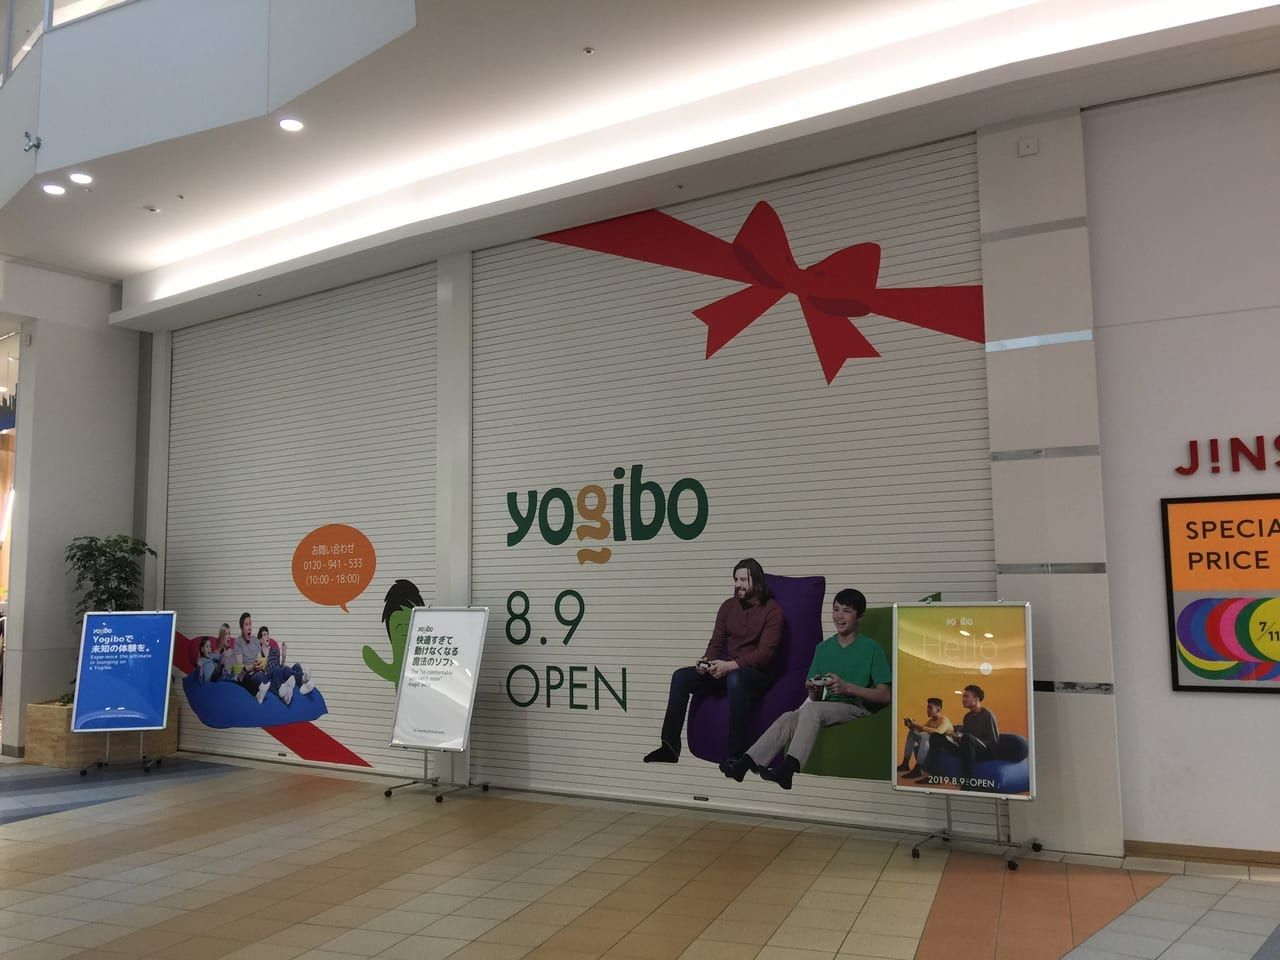 yogiboのお店